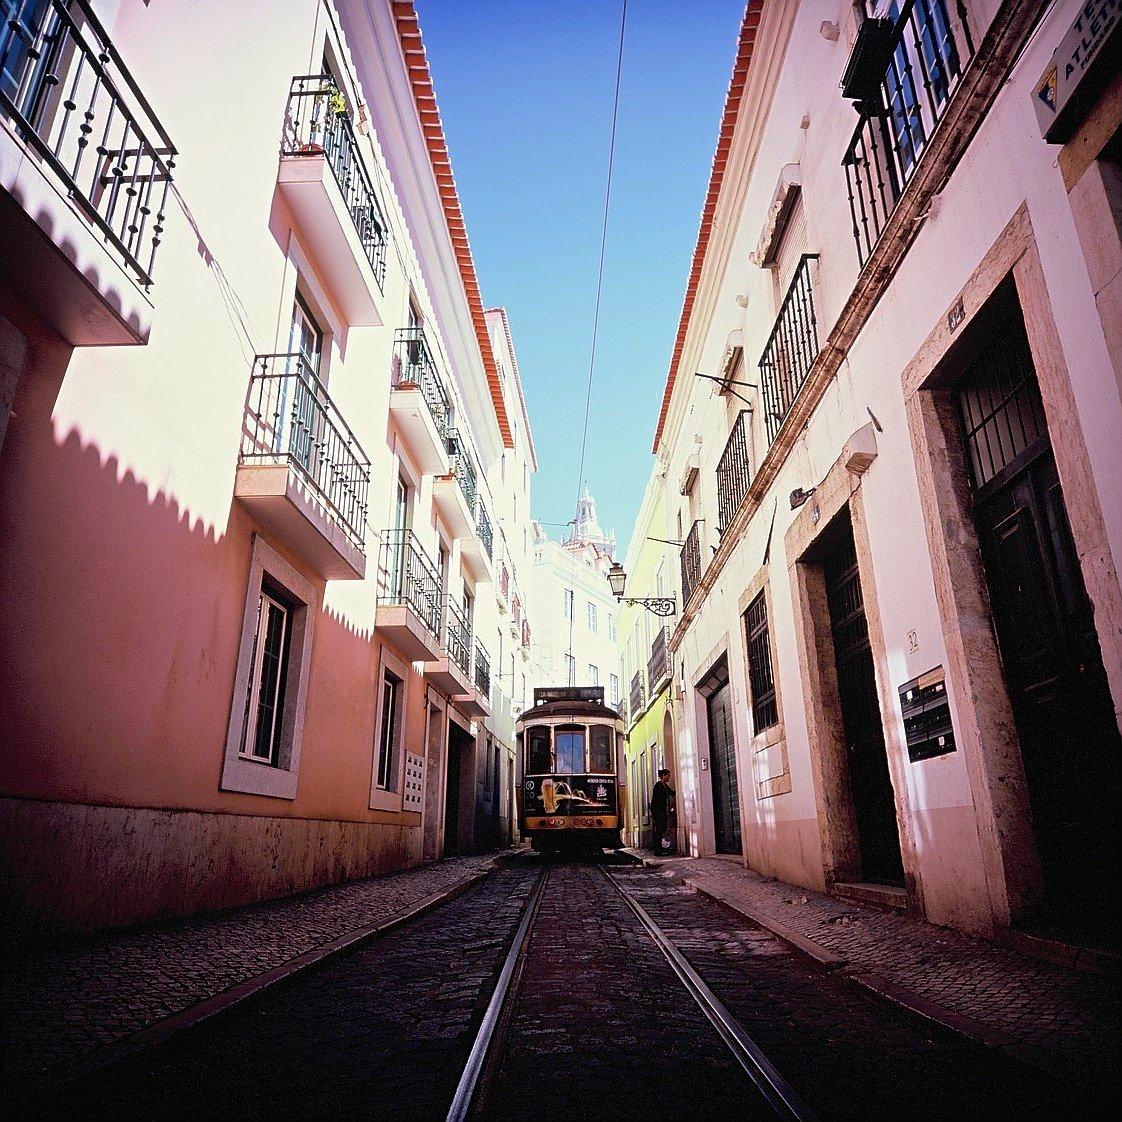 Arte e gastronomia em Portugal - Porto